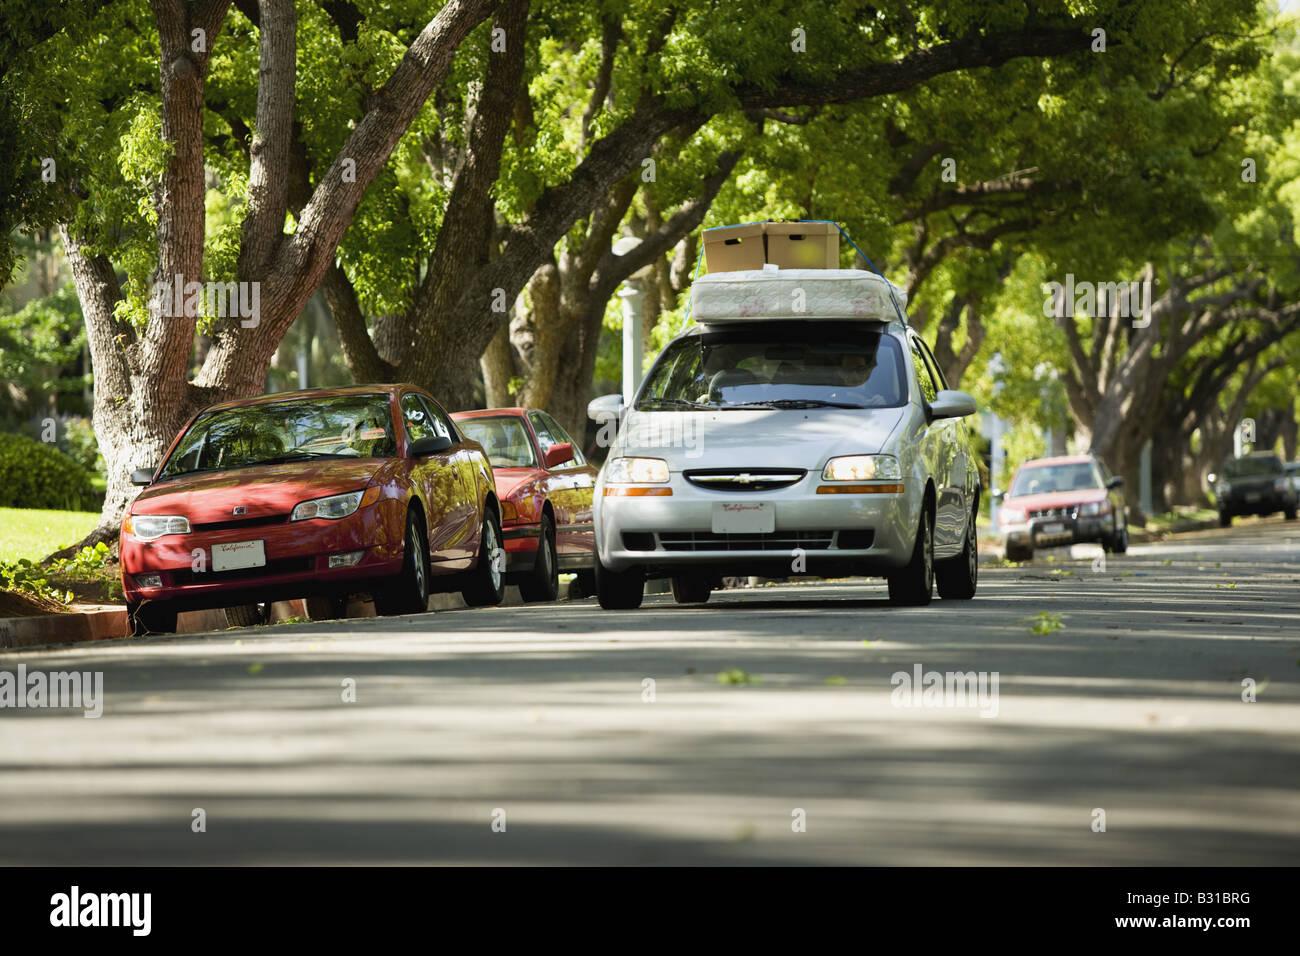 Chevy Aveo bajando la calle arbolada con colchón y cajas en el techo Foto de stock